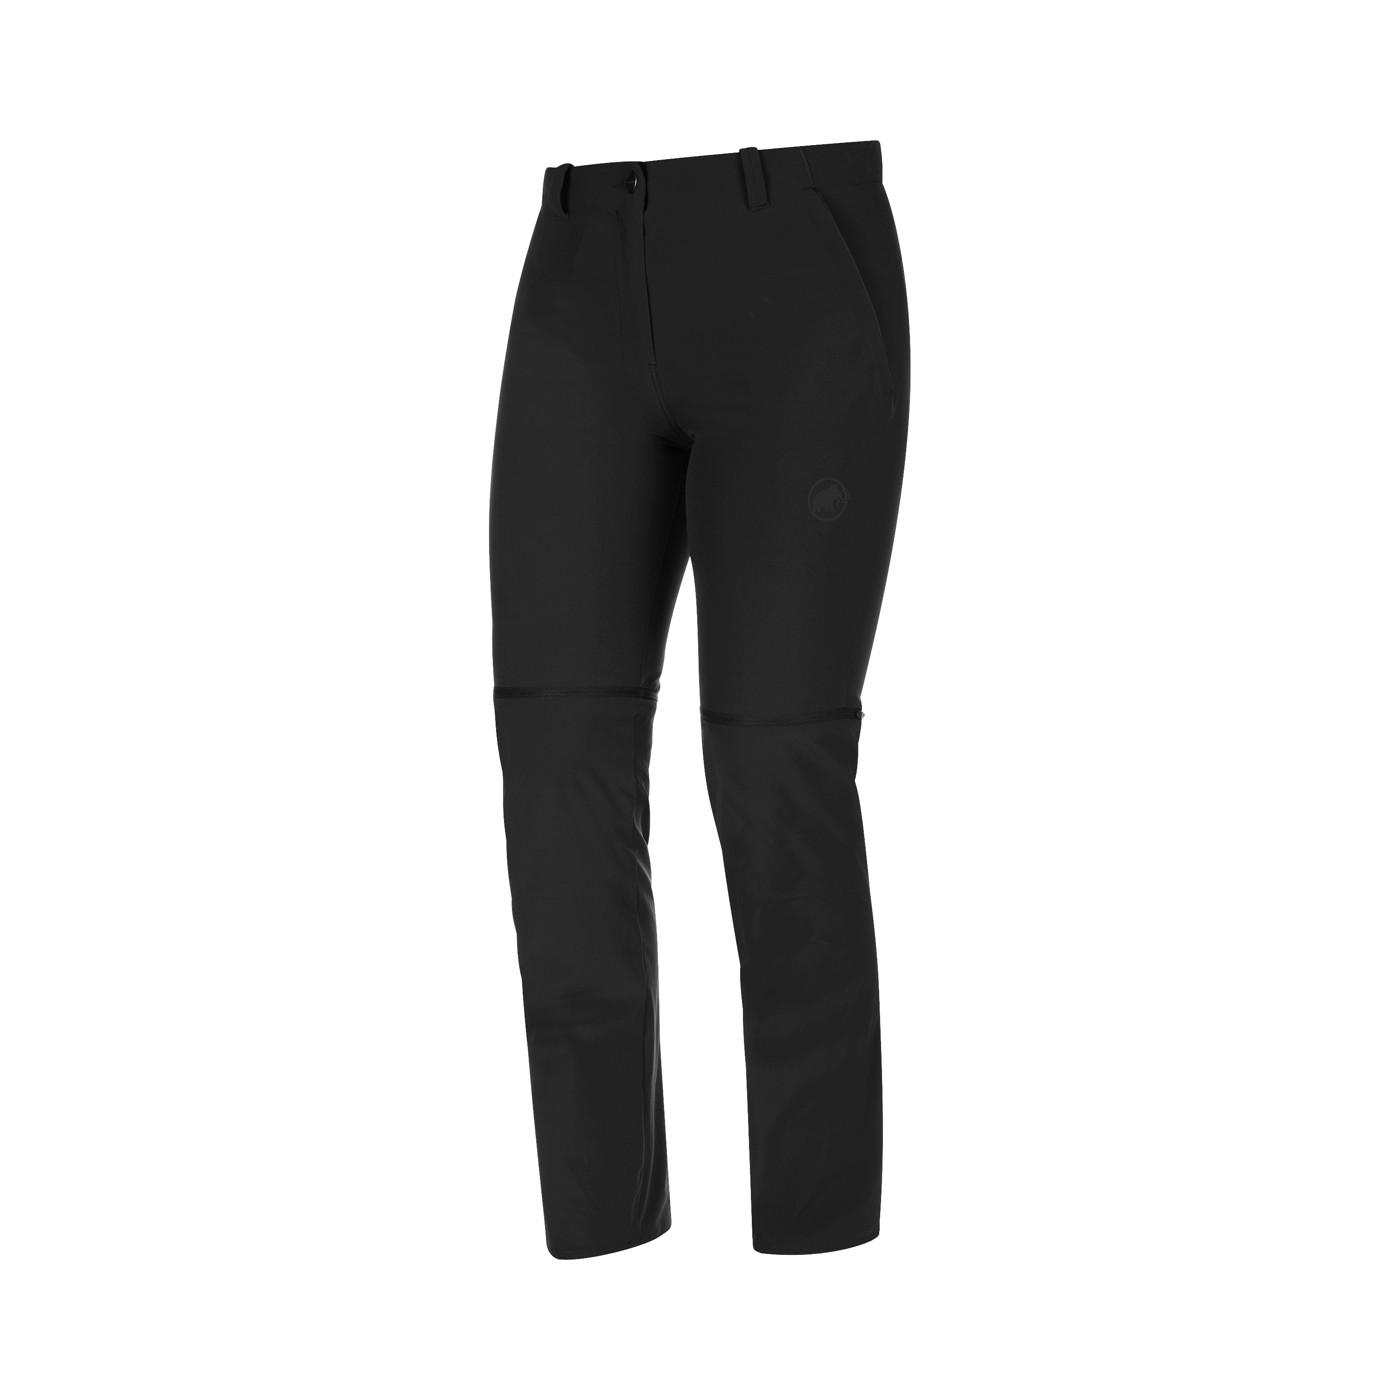 MAMMUT Runbold Zip Off Pants - Damen